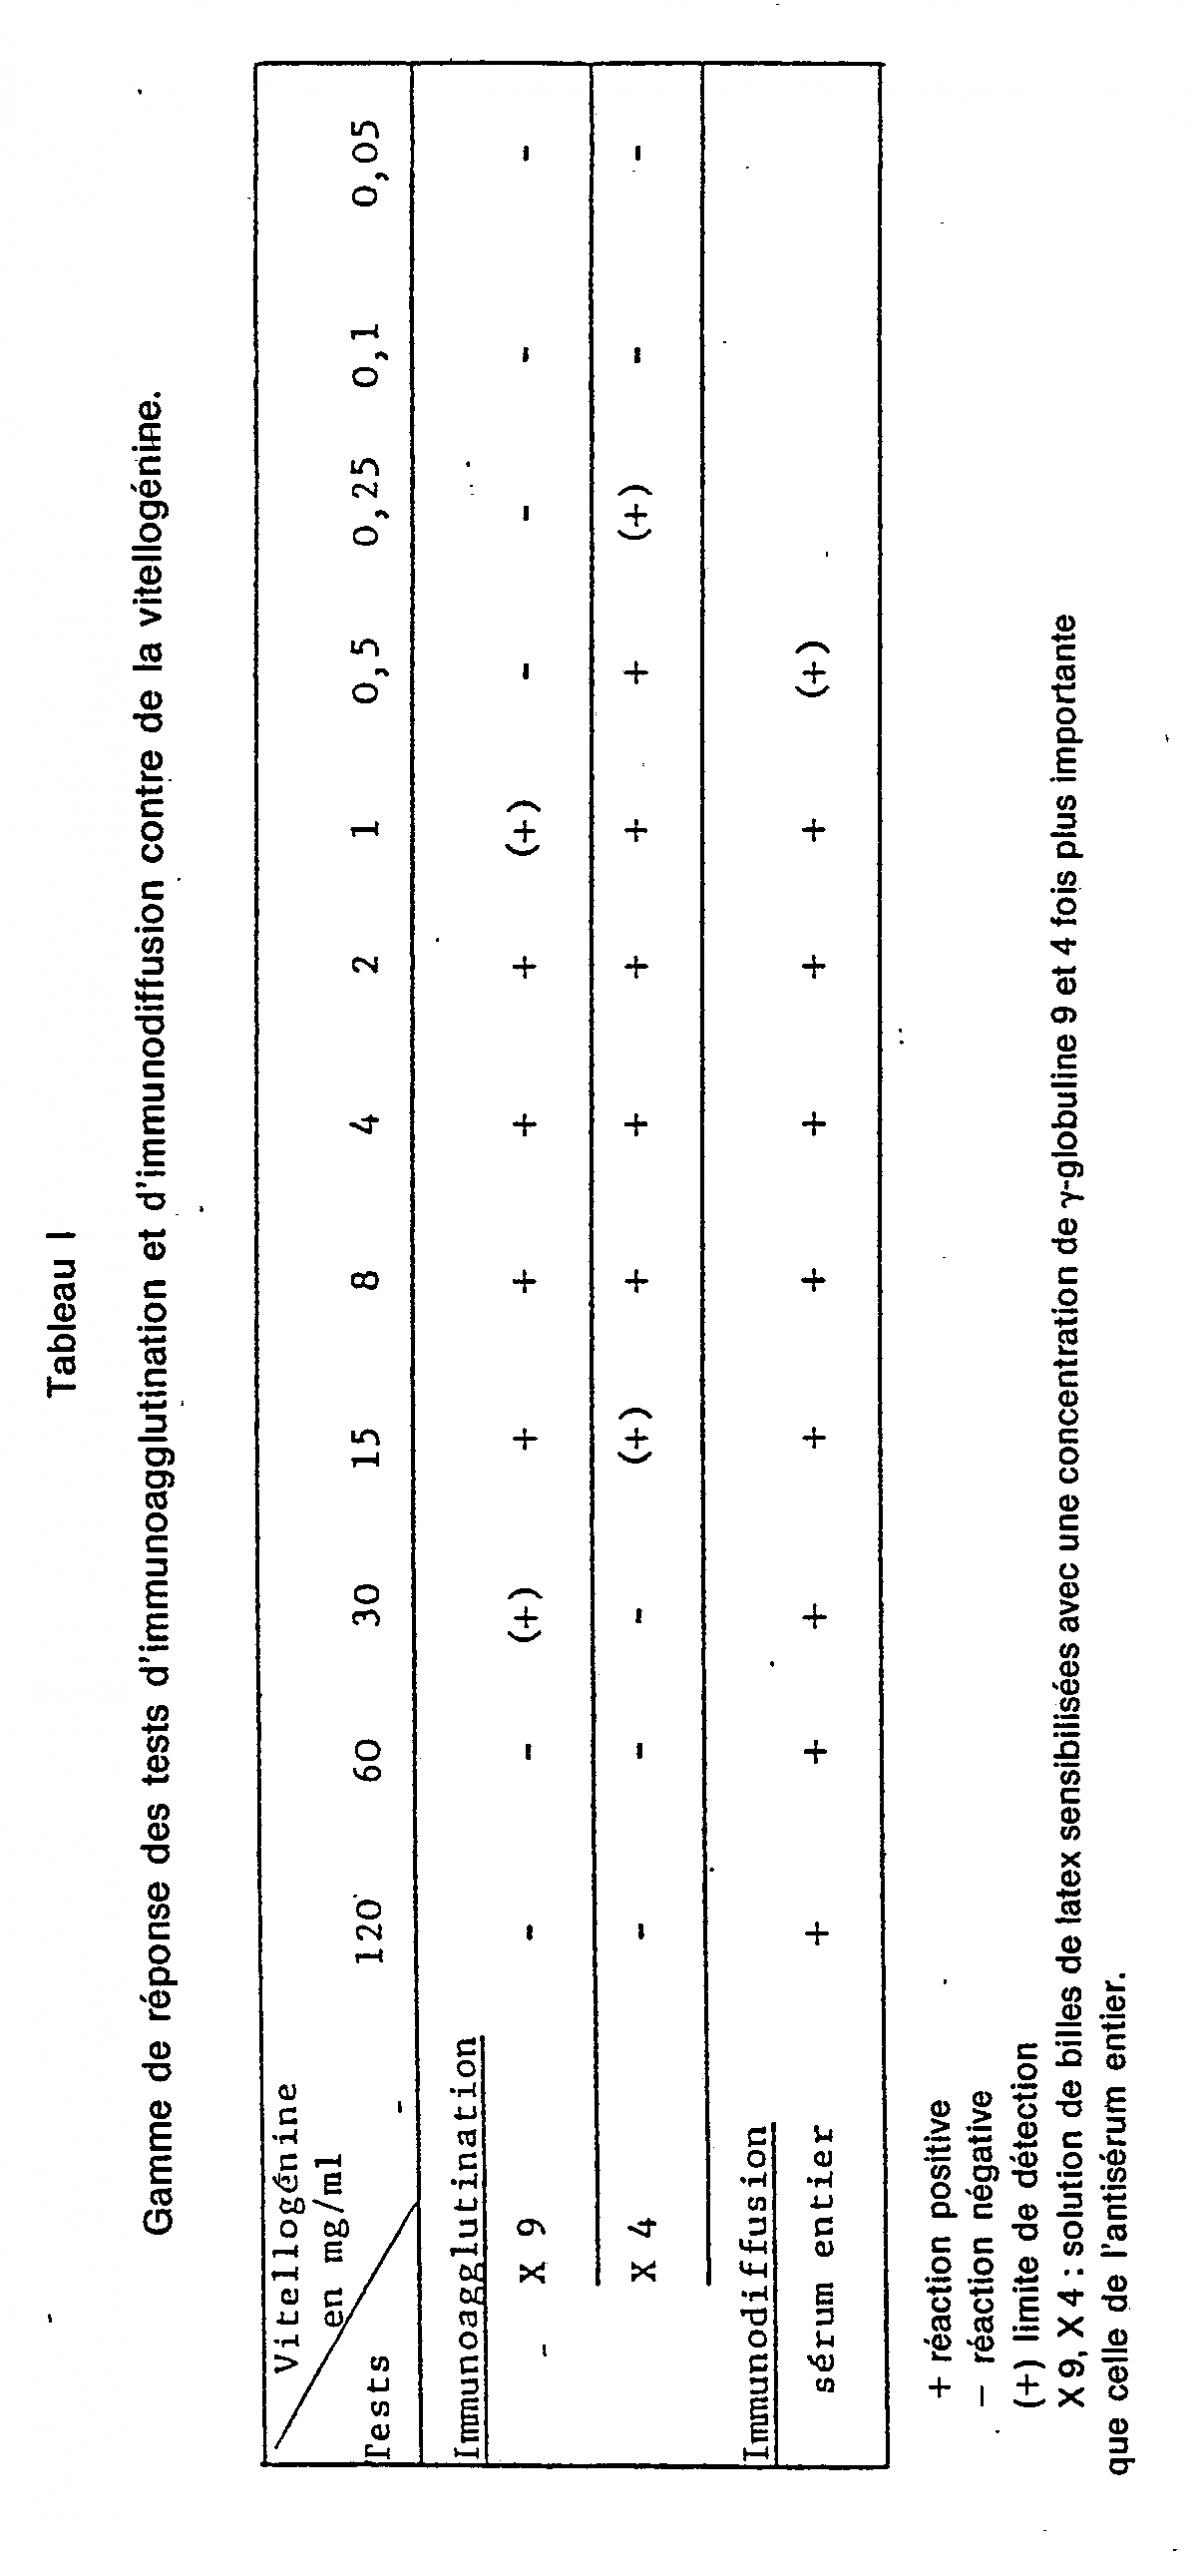 Ep0056018B1 - Procédé De Reconnaissance Des Femelles En intérieur Animaux Ovipares Liste